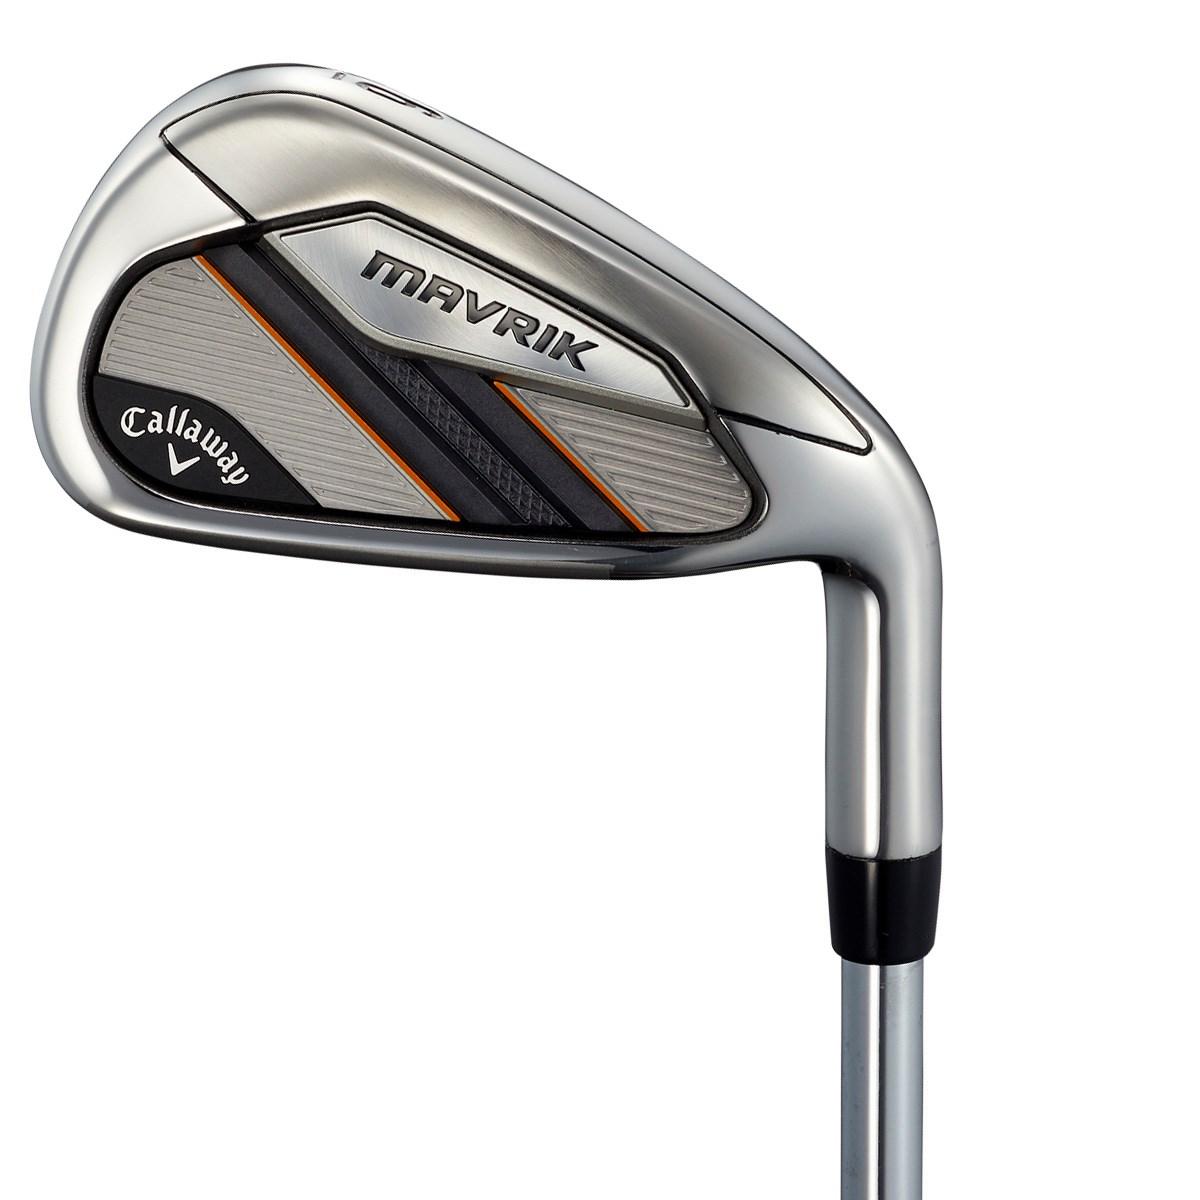 キャロウェイゴルフ(Callaway Golf) マーベリック アイアン(5本セット) N.S.PRO 950GH neo